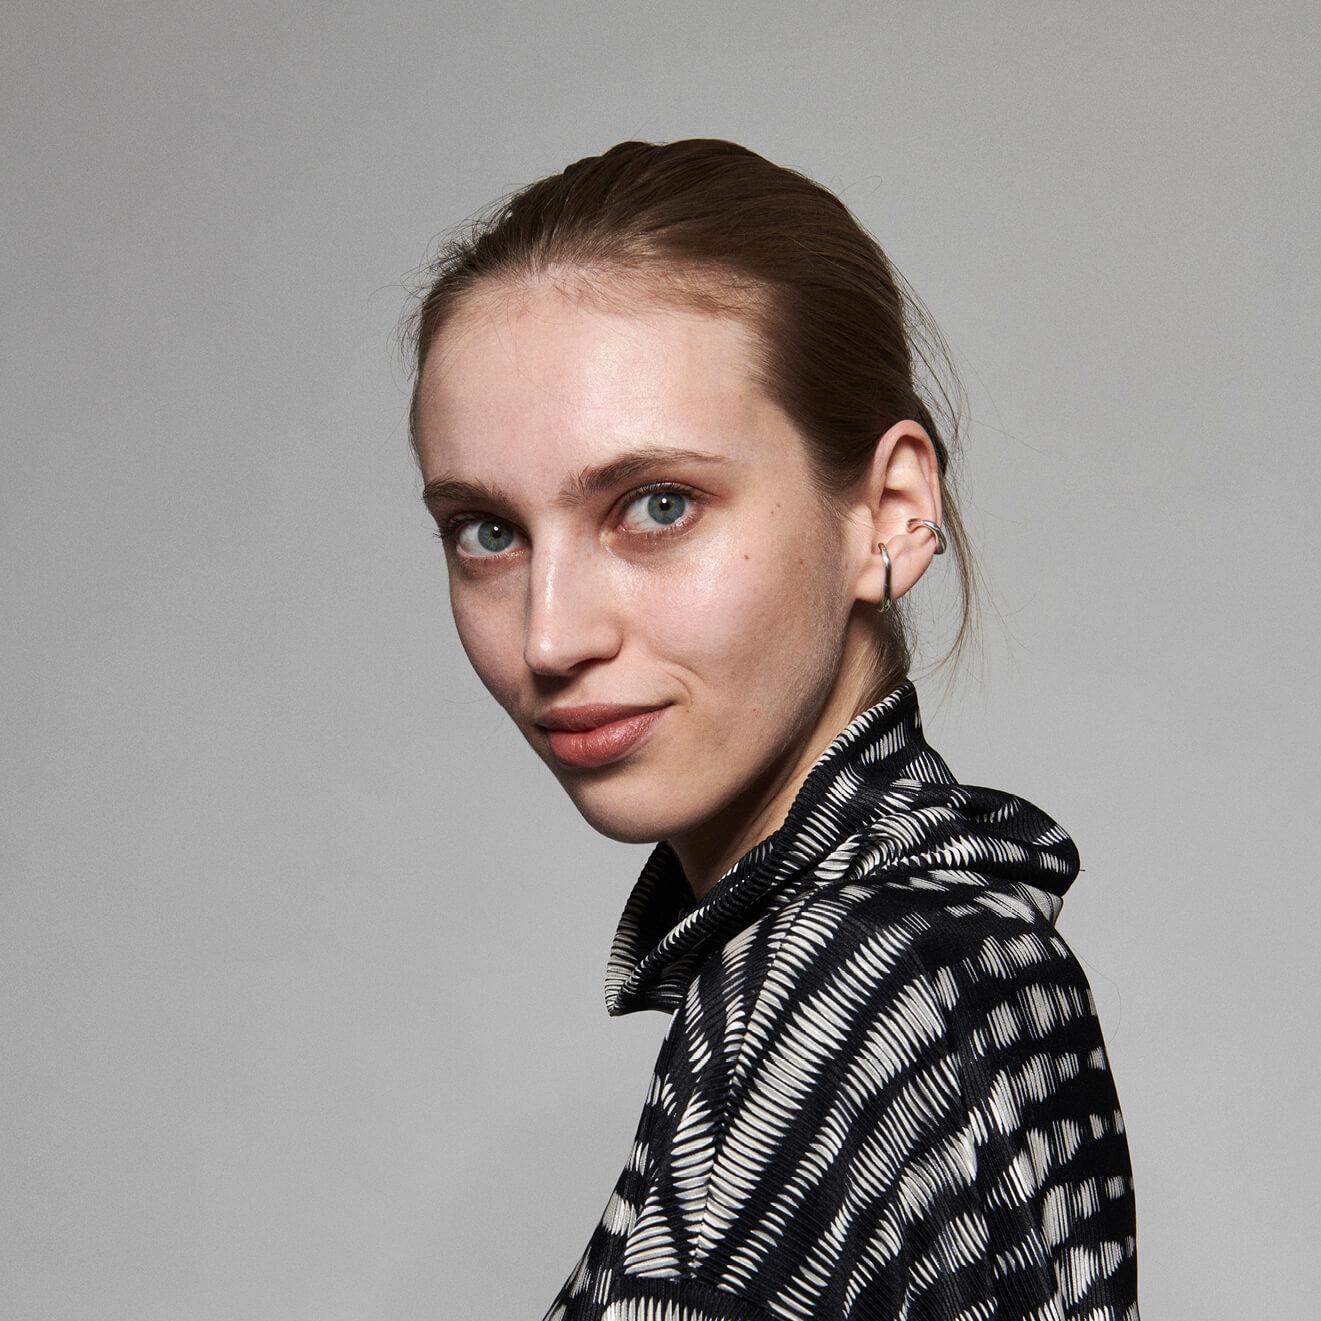 Natália Pažická